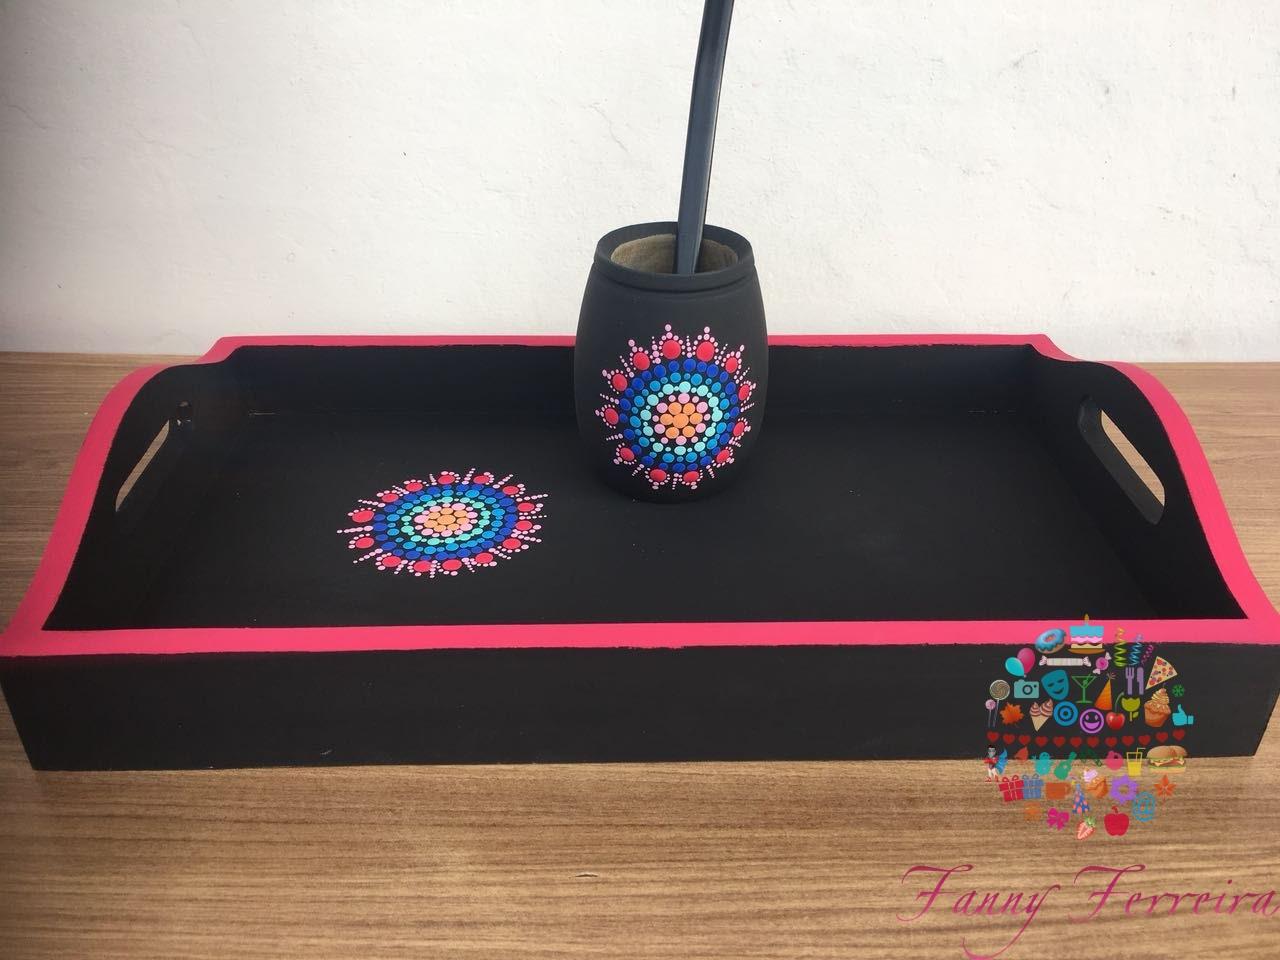 Bandeja, guampa y bombilla regalo personalizado